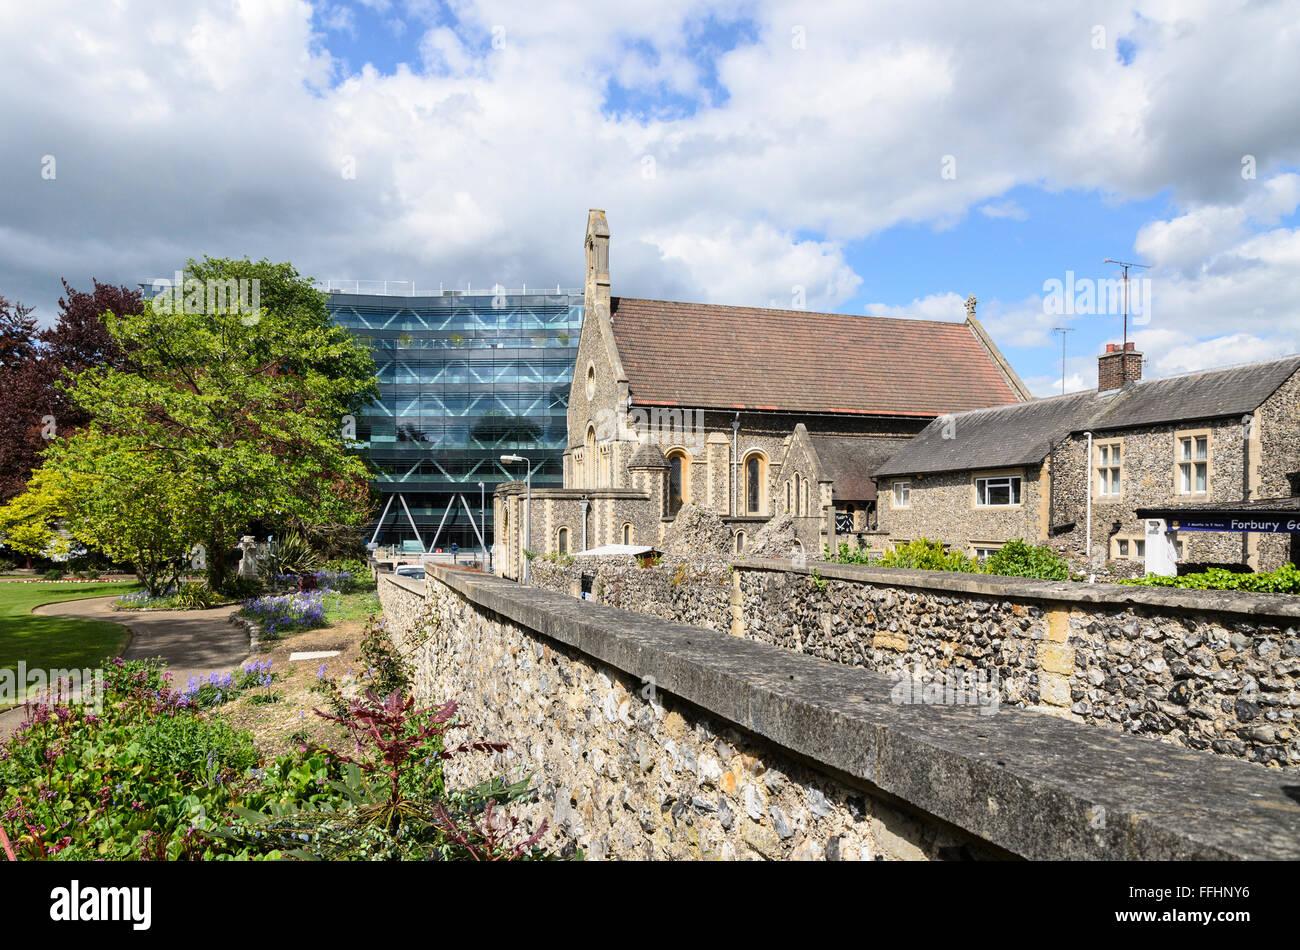 Forbury Gardens, Rovine dell'abbazia di Reading e St James chiesa cattolica romana, Reading, Berkshire, Inghilterra, Regno Unito. Foto Stock